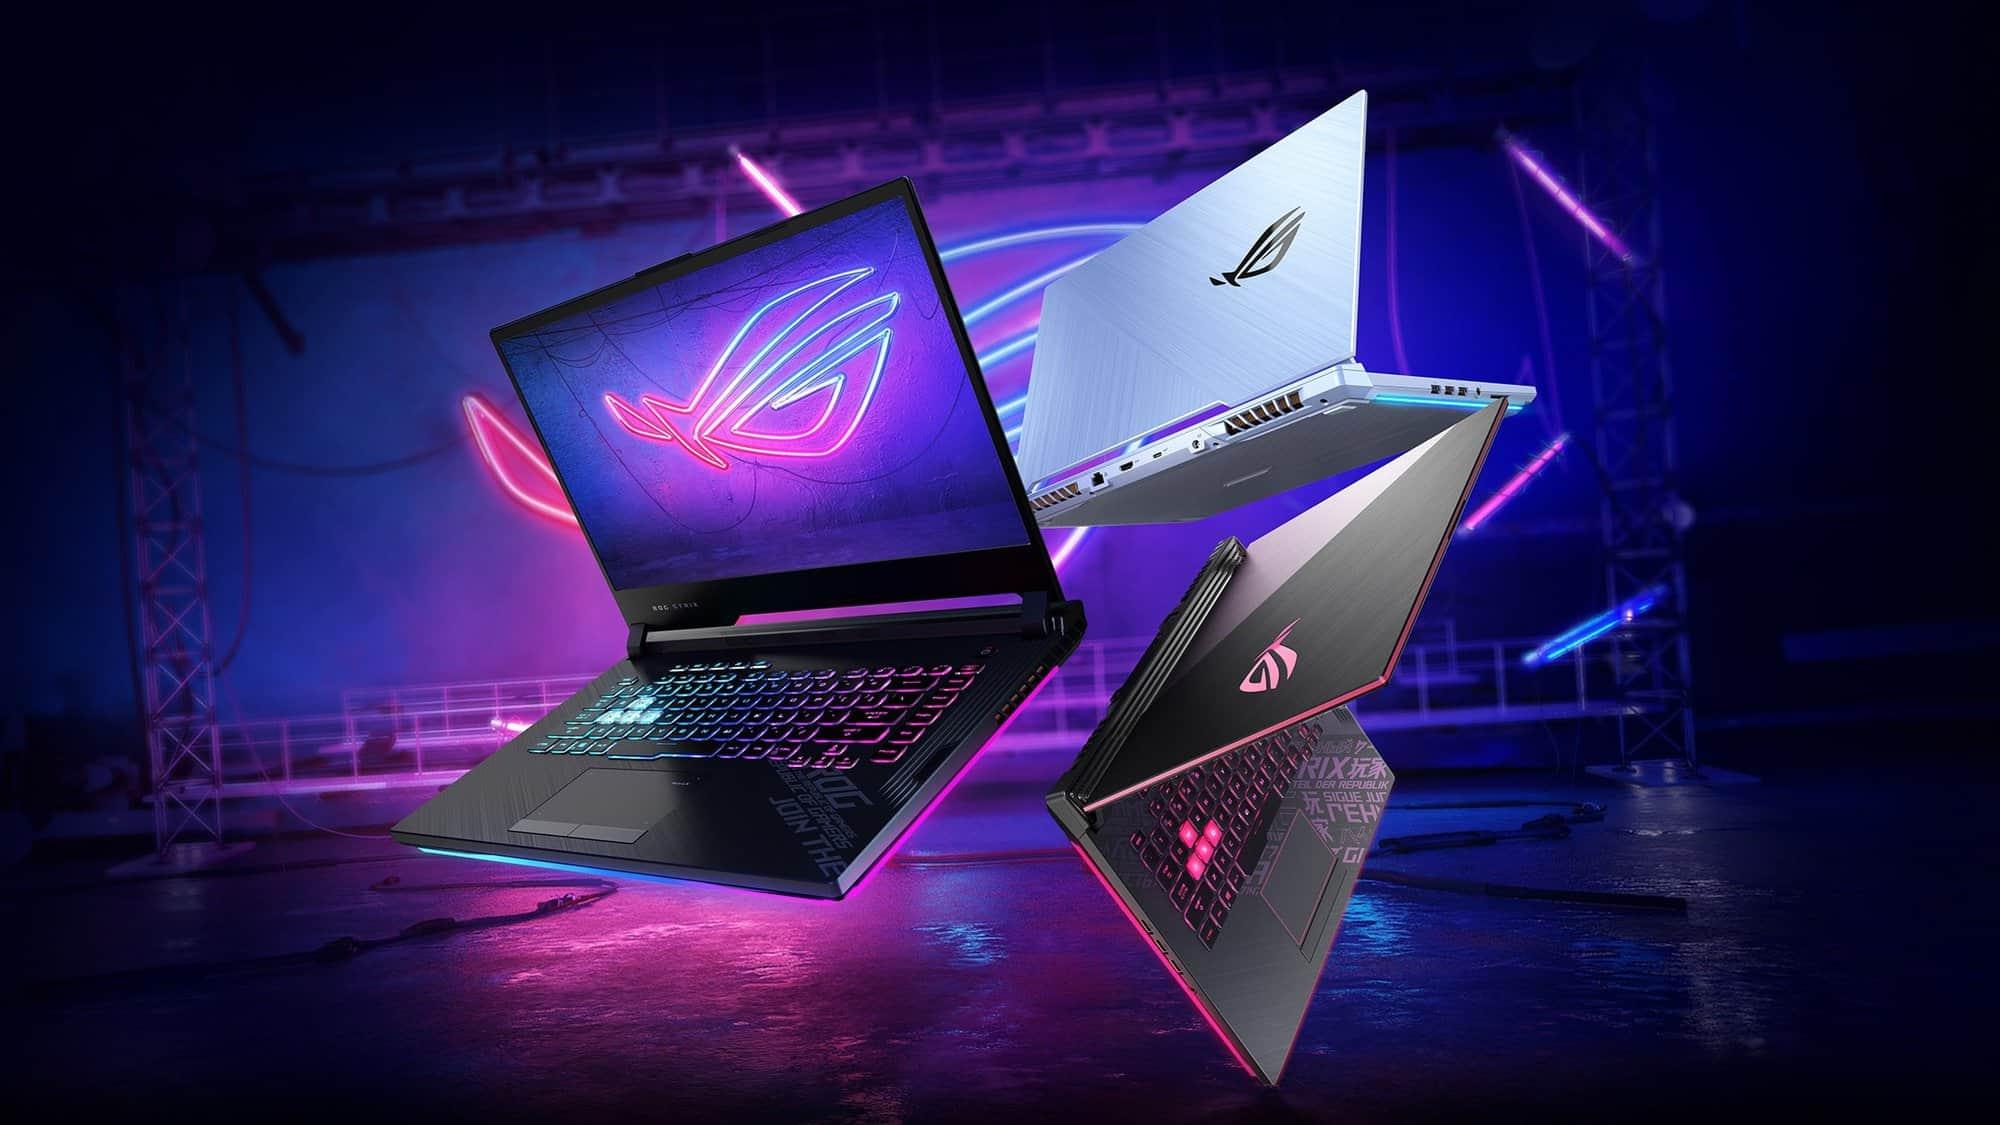 Confira o review do notebook Asus ROG Strix G15 - Olhar Digital